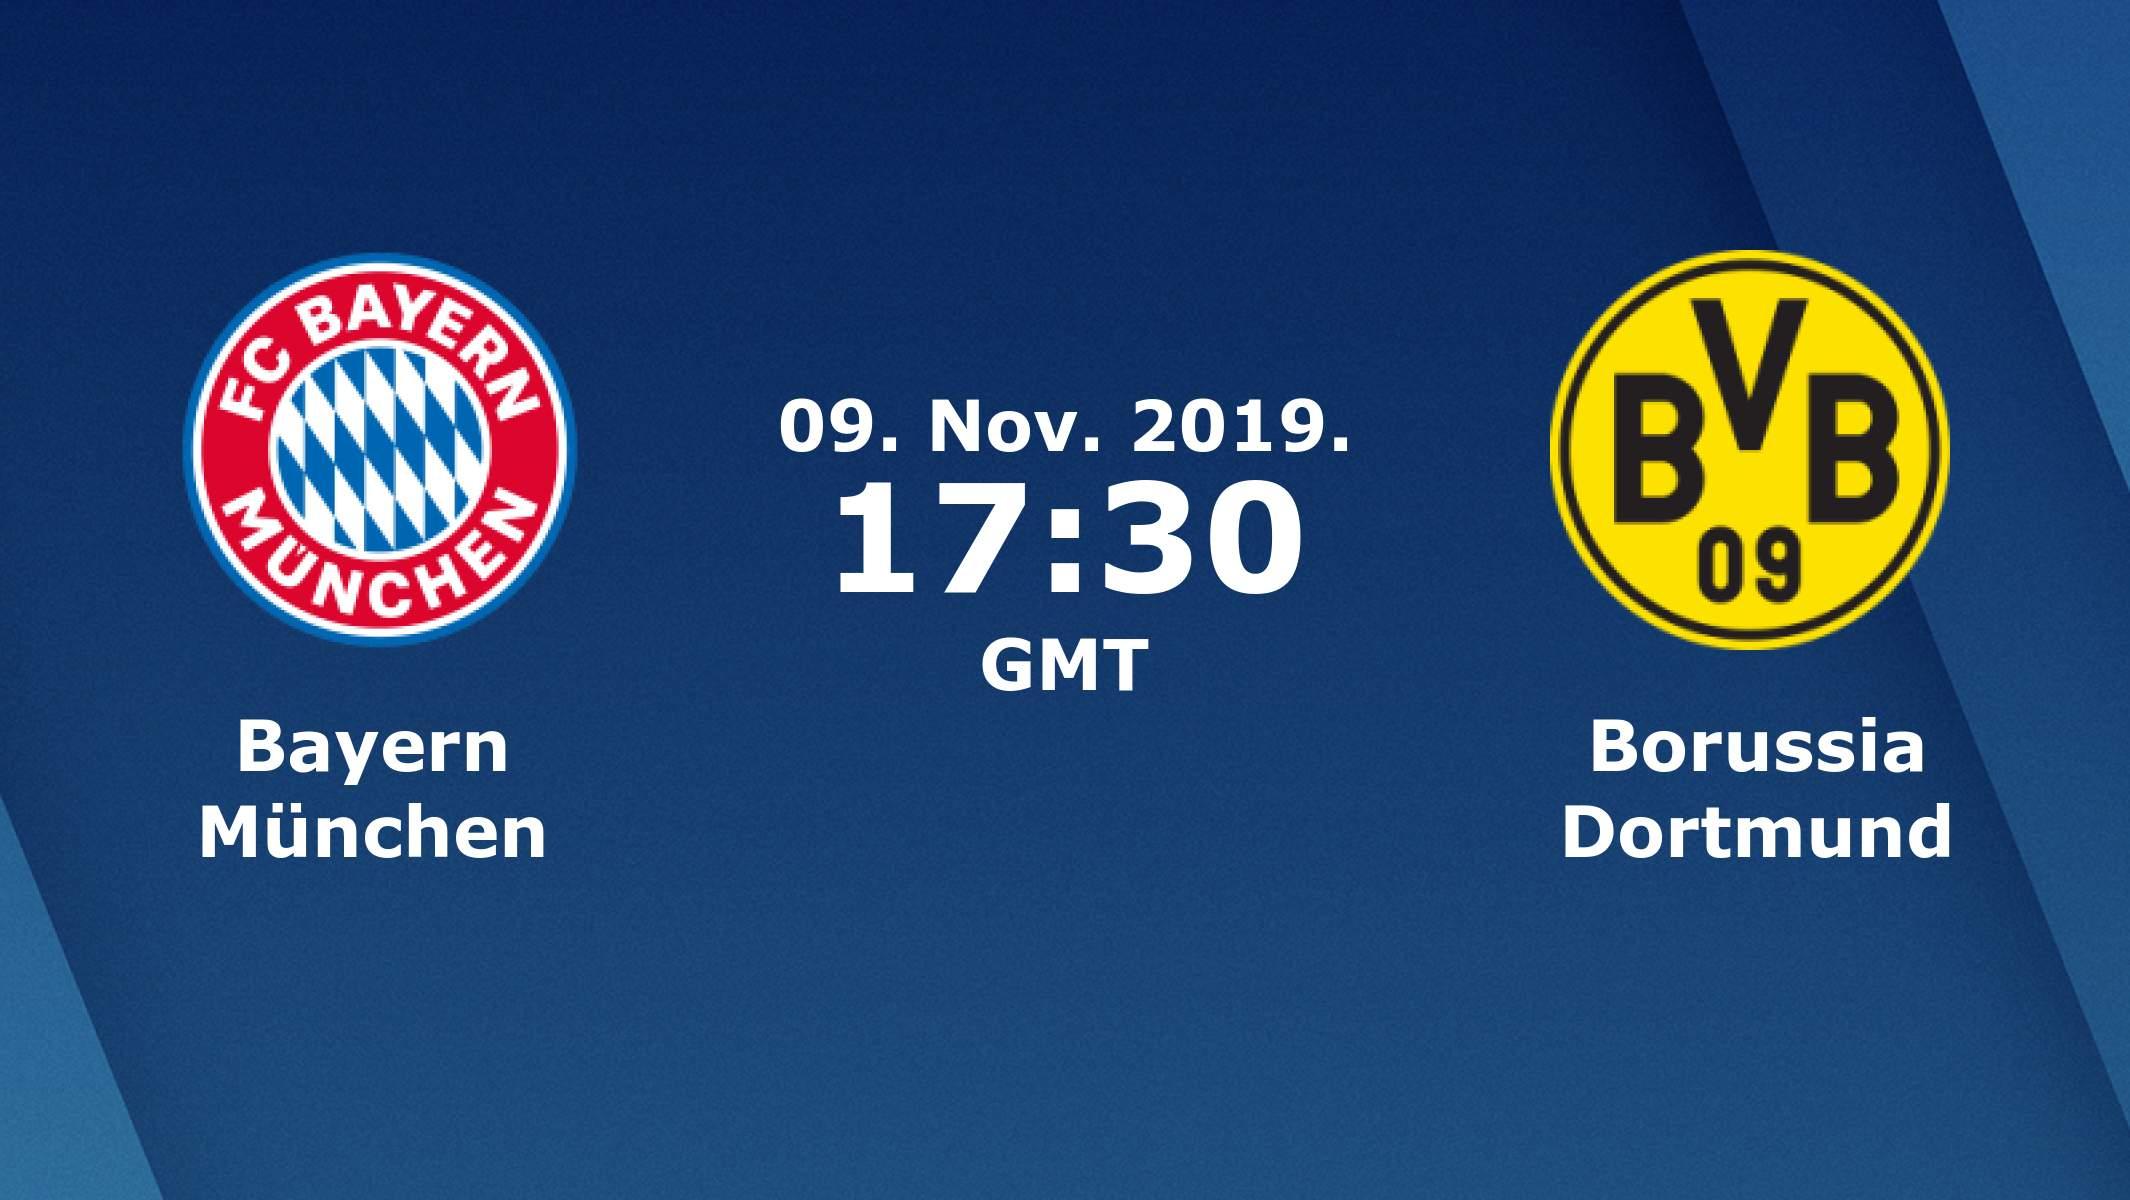 Бундеслига (11 тур): «Бавария» Мюнхен — «Боруссия» Дортмунд. 09.11.2019. Перед матчем.